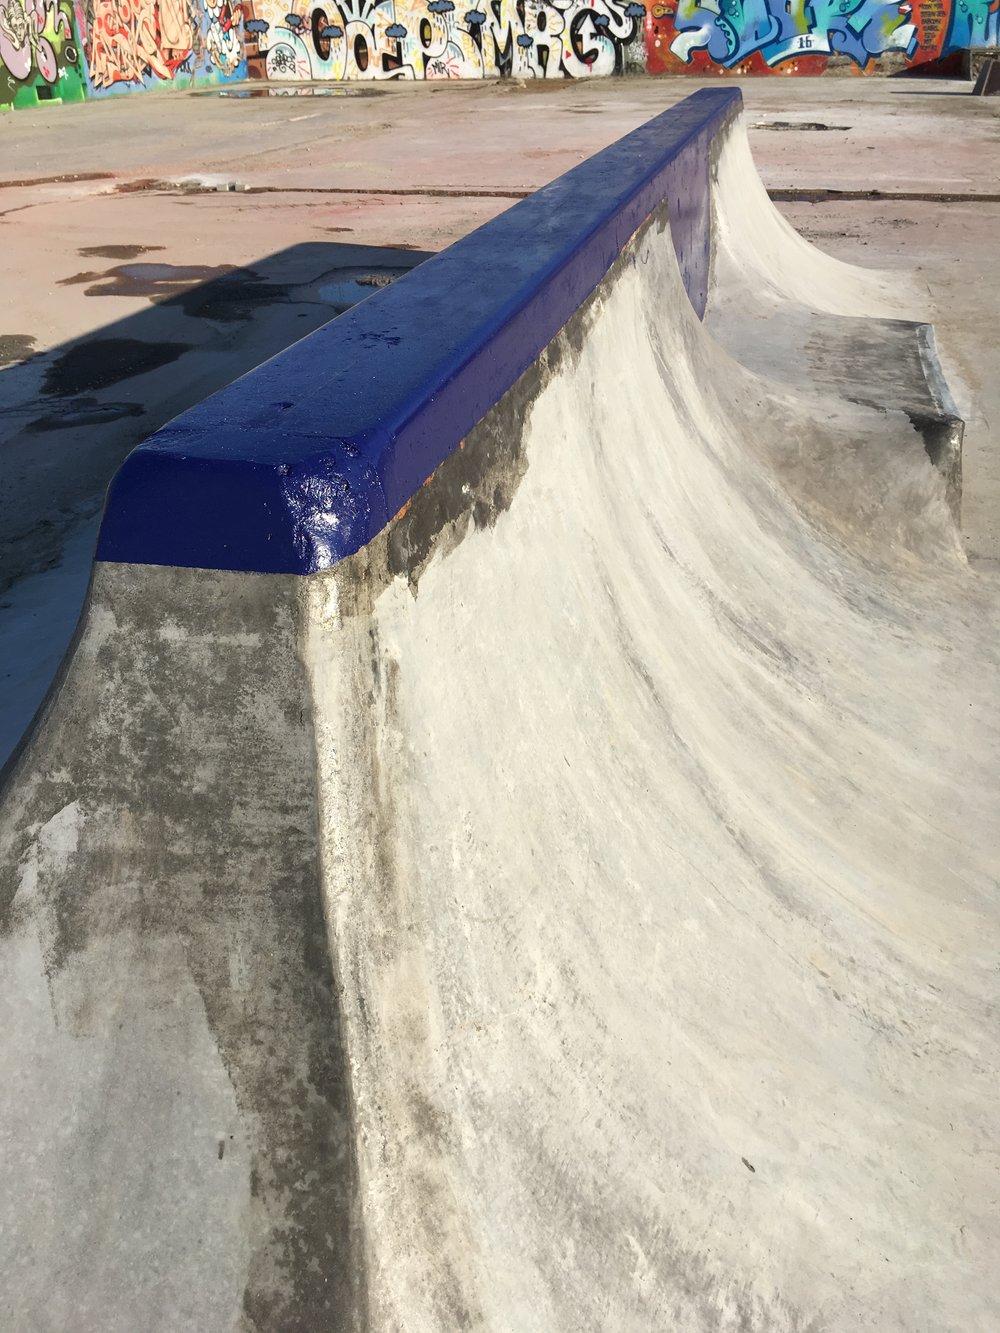 Spine detail skatespot Yard